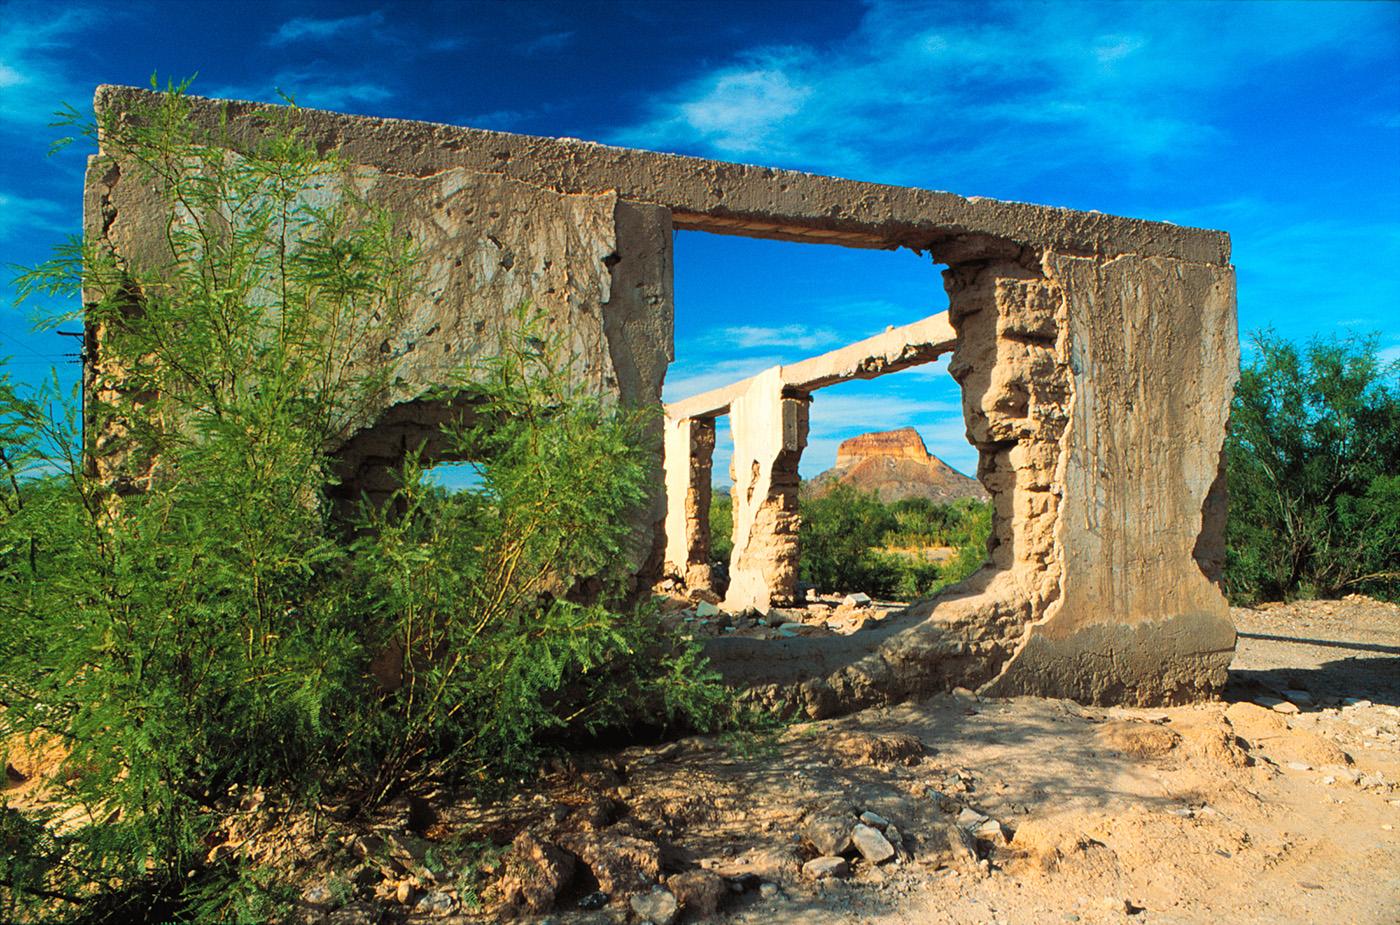 Old Building with Cerro Castellan, Santa Elena, Mexico